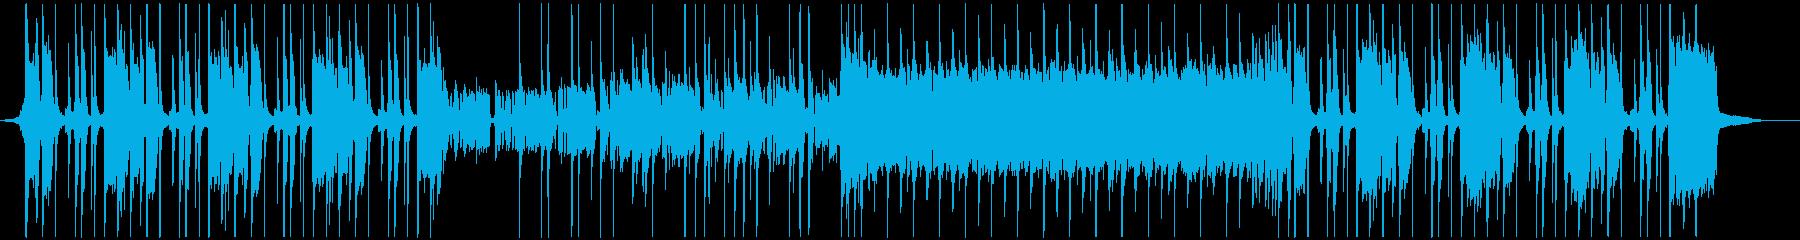 ファンク・ハードロック・バンド・バトルの再生済みの波形